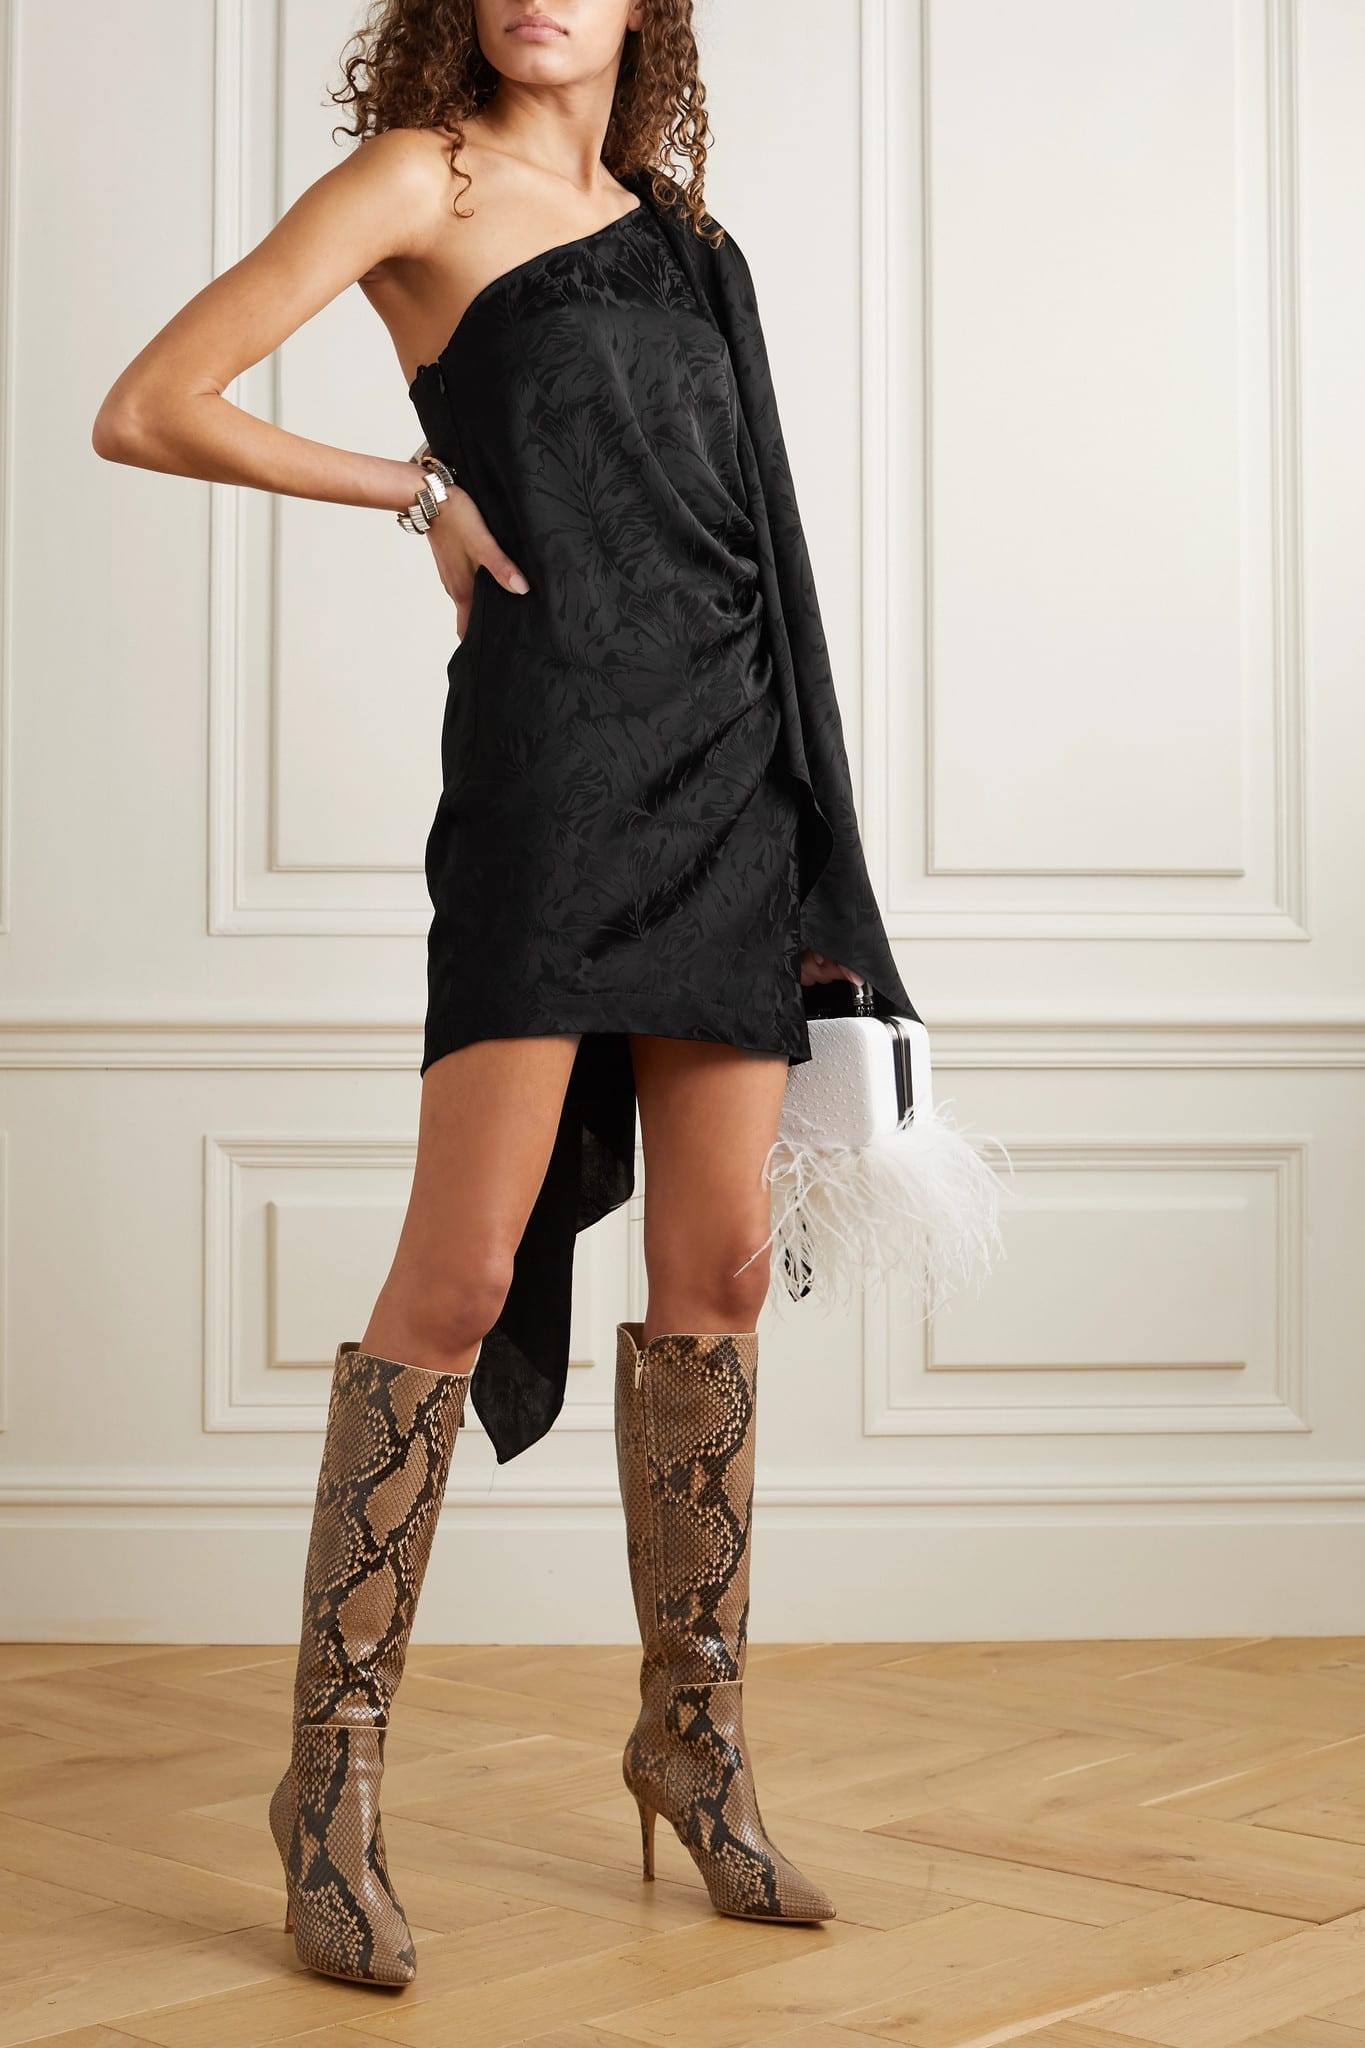 NERVI Bianca B One-sleeve Draped Floral-jacquard Mini Dress